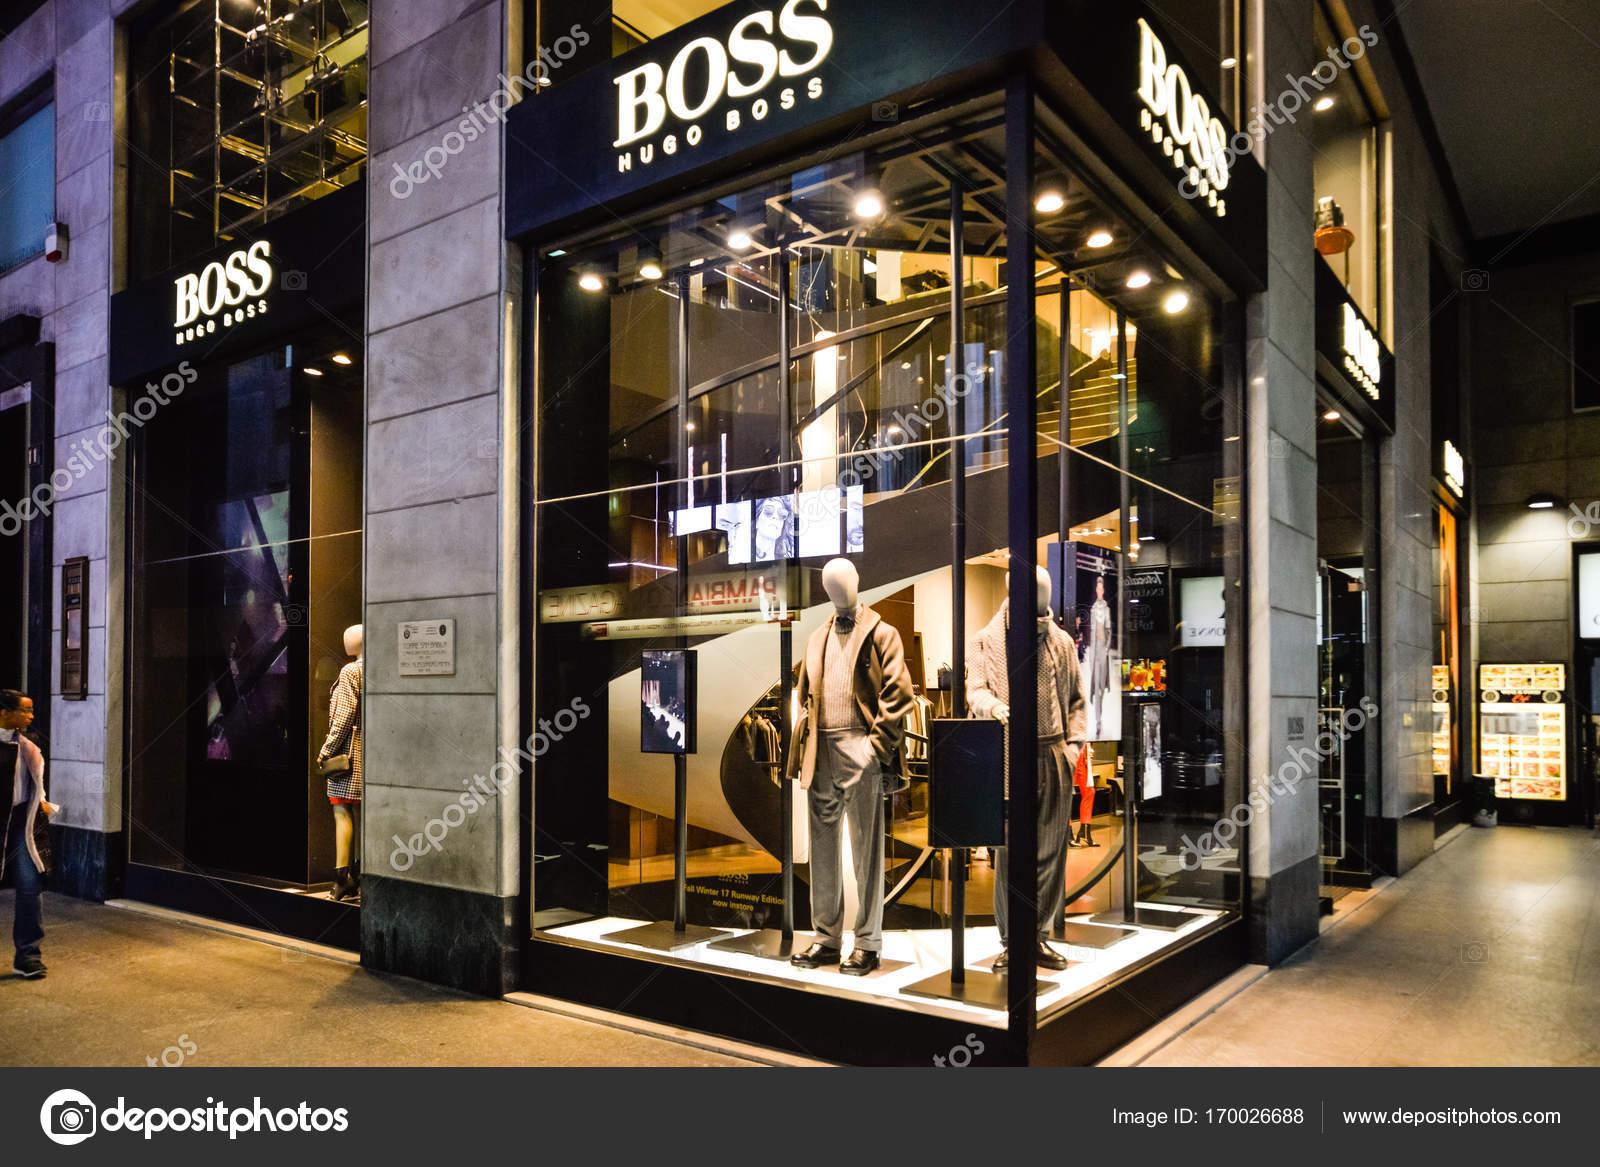 2019 year looks- Boss hugo store